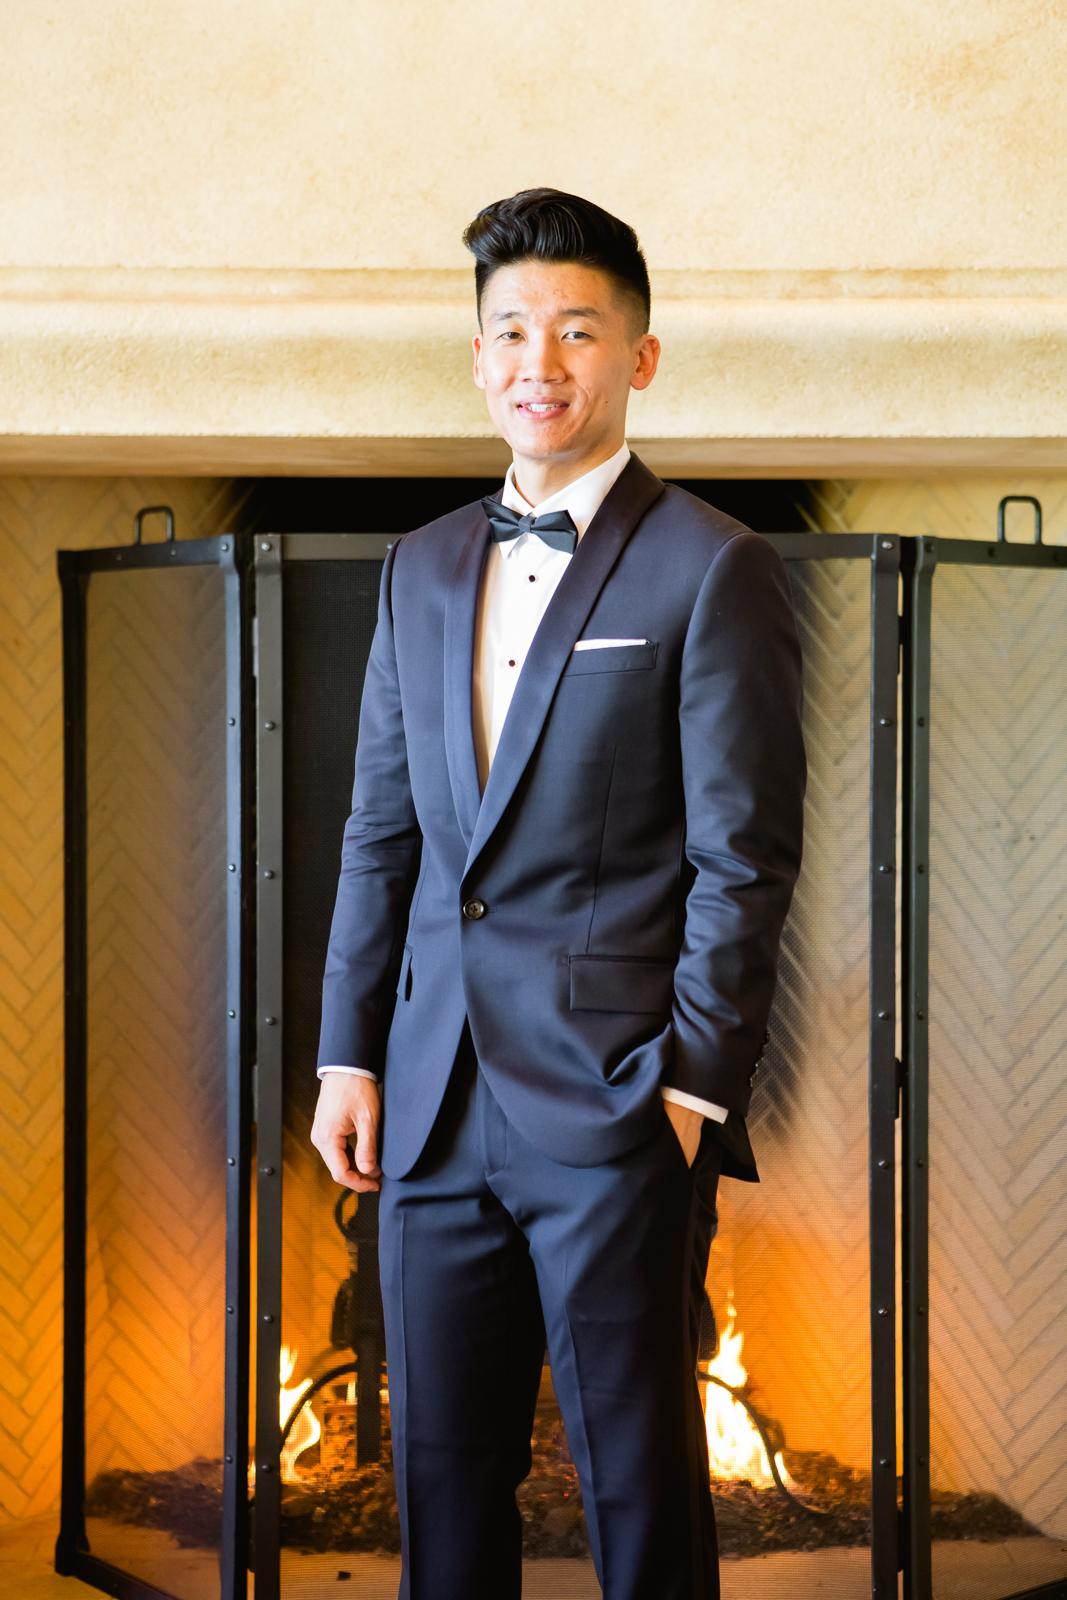 Groom in Navy Suit - Elizabeth Anne Designs: The Wedding Blog